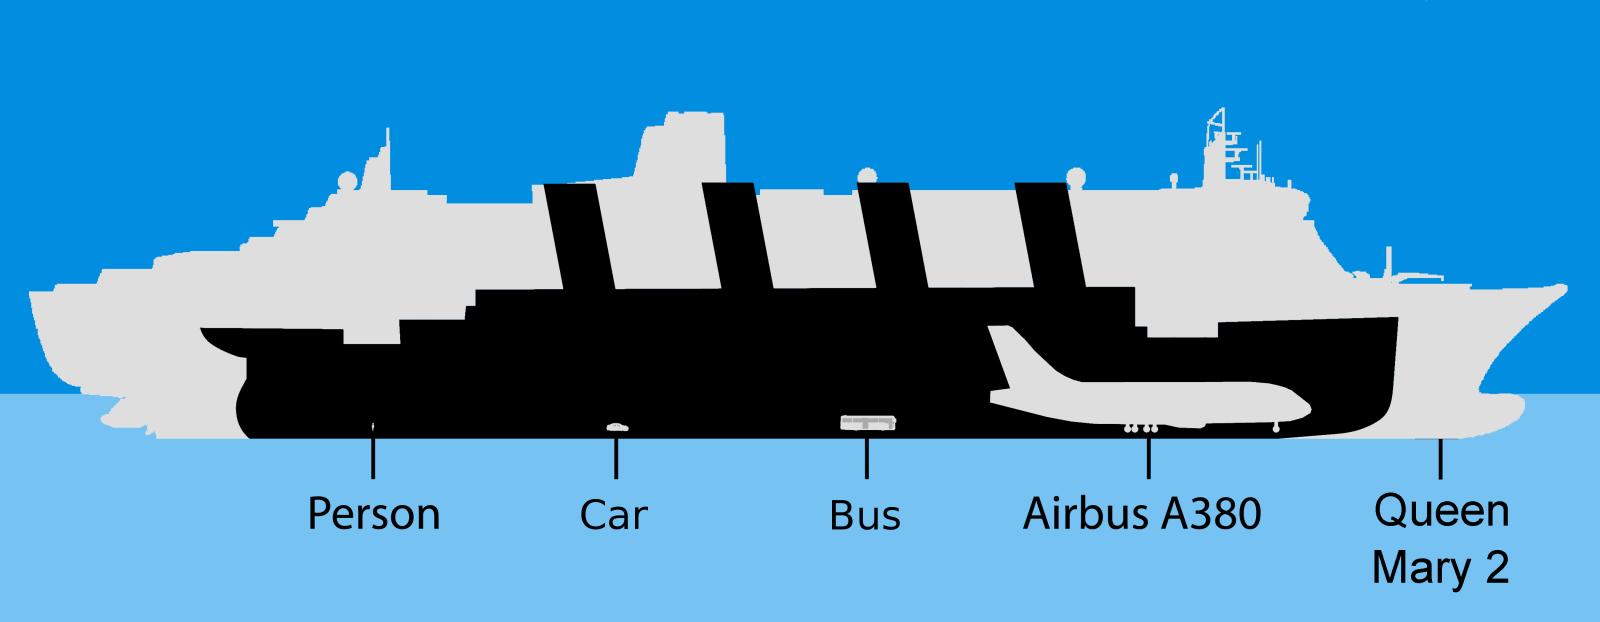 Comparativa de tamaño del Titanic frente a los barcos actuales Es7o0i